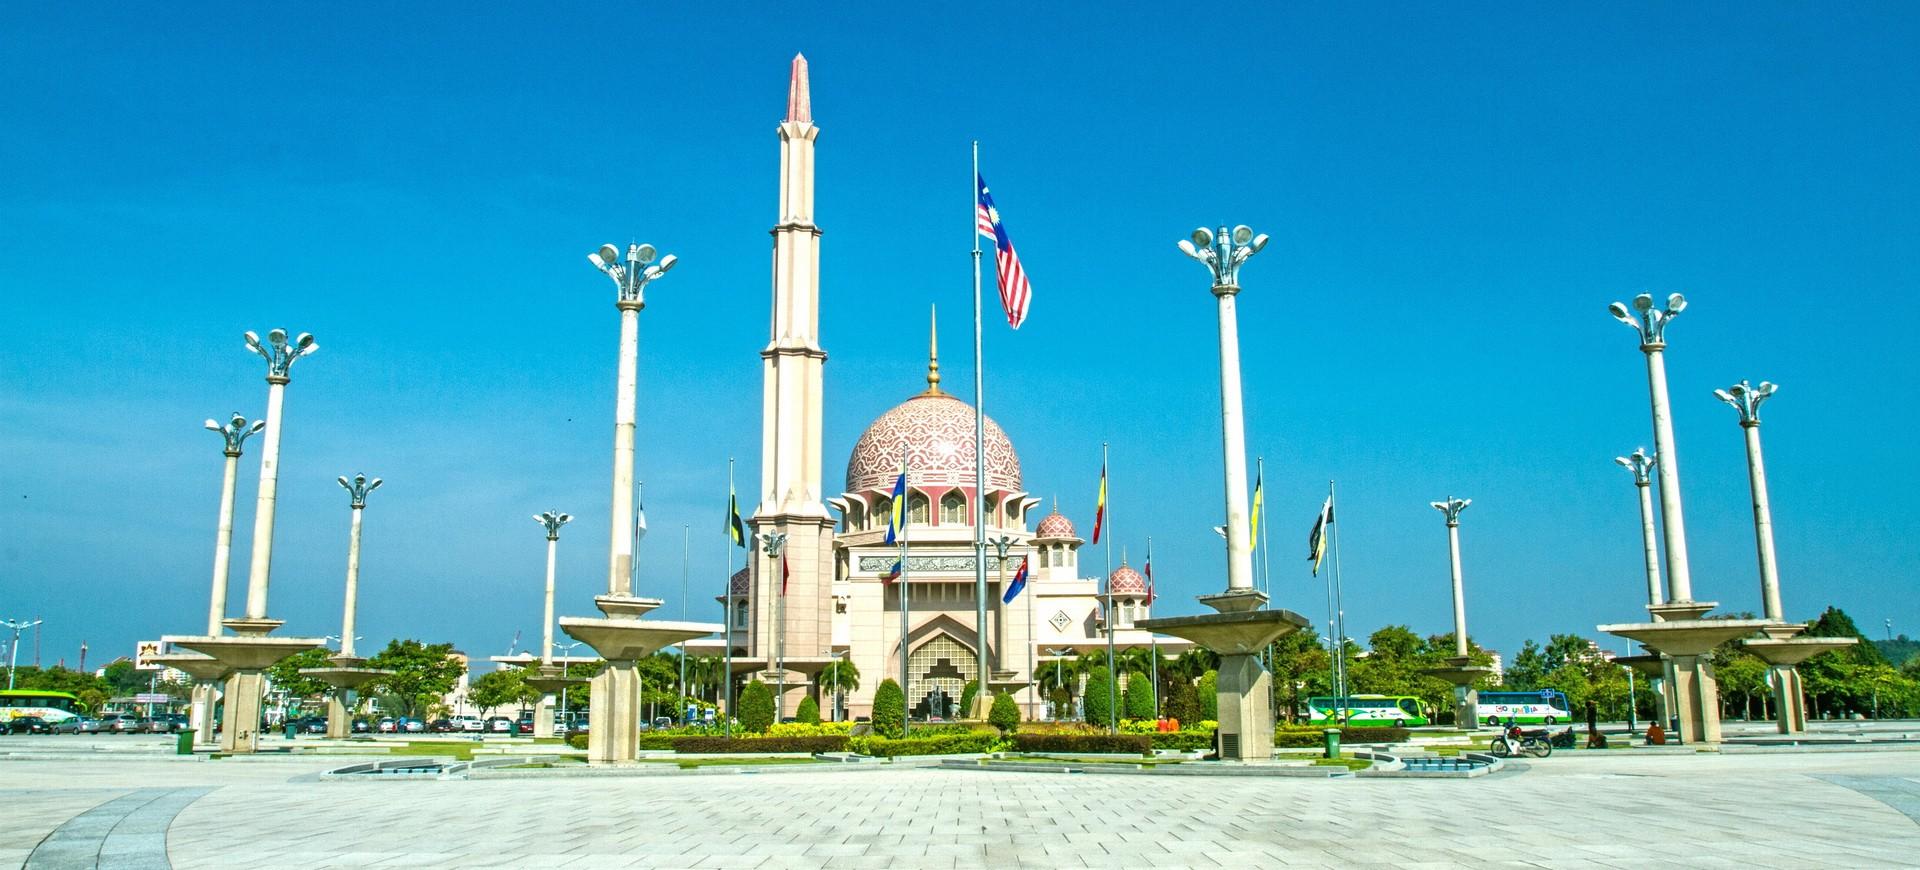 Malaisie Putrajaya Palais Darul Ehsan